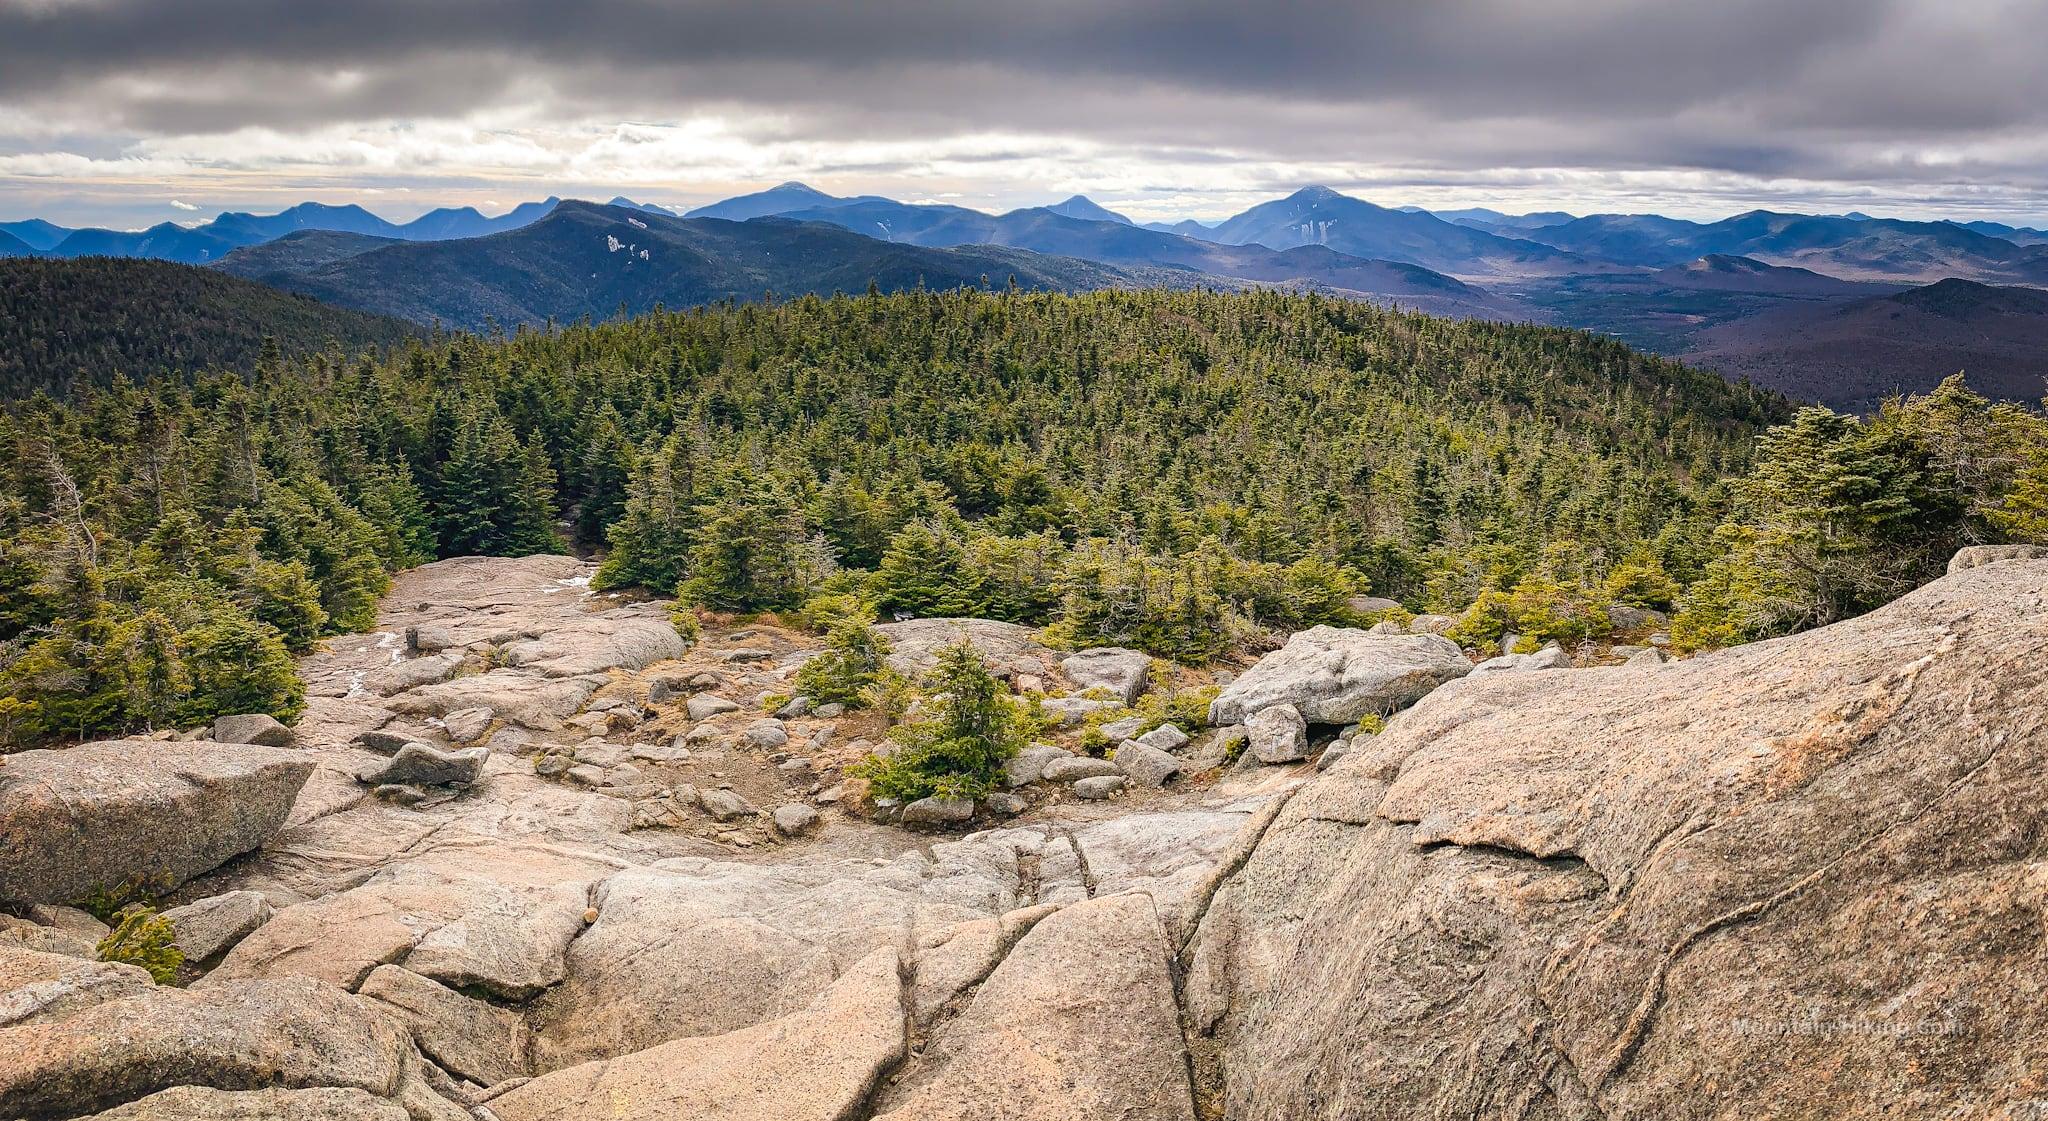 cascade's open rocky summit